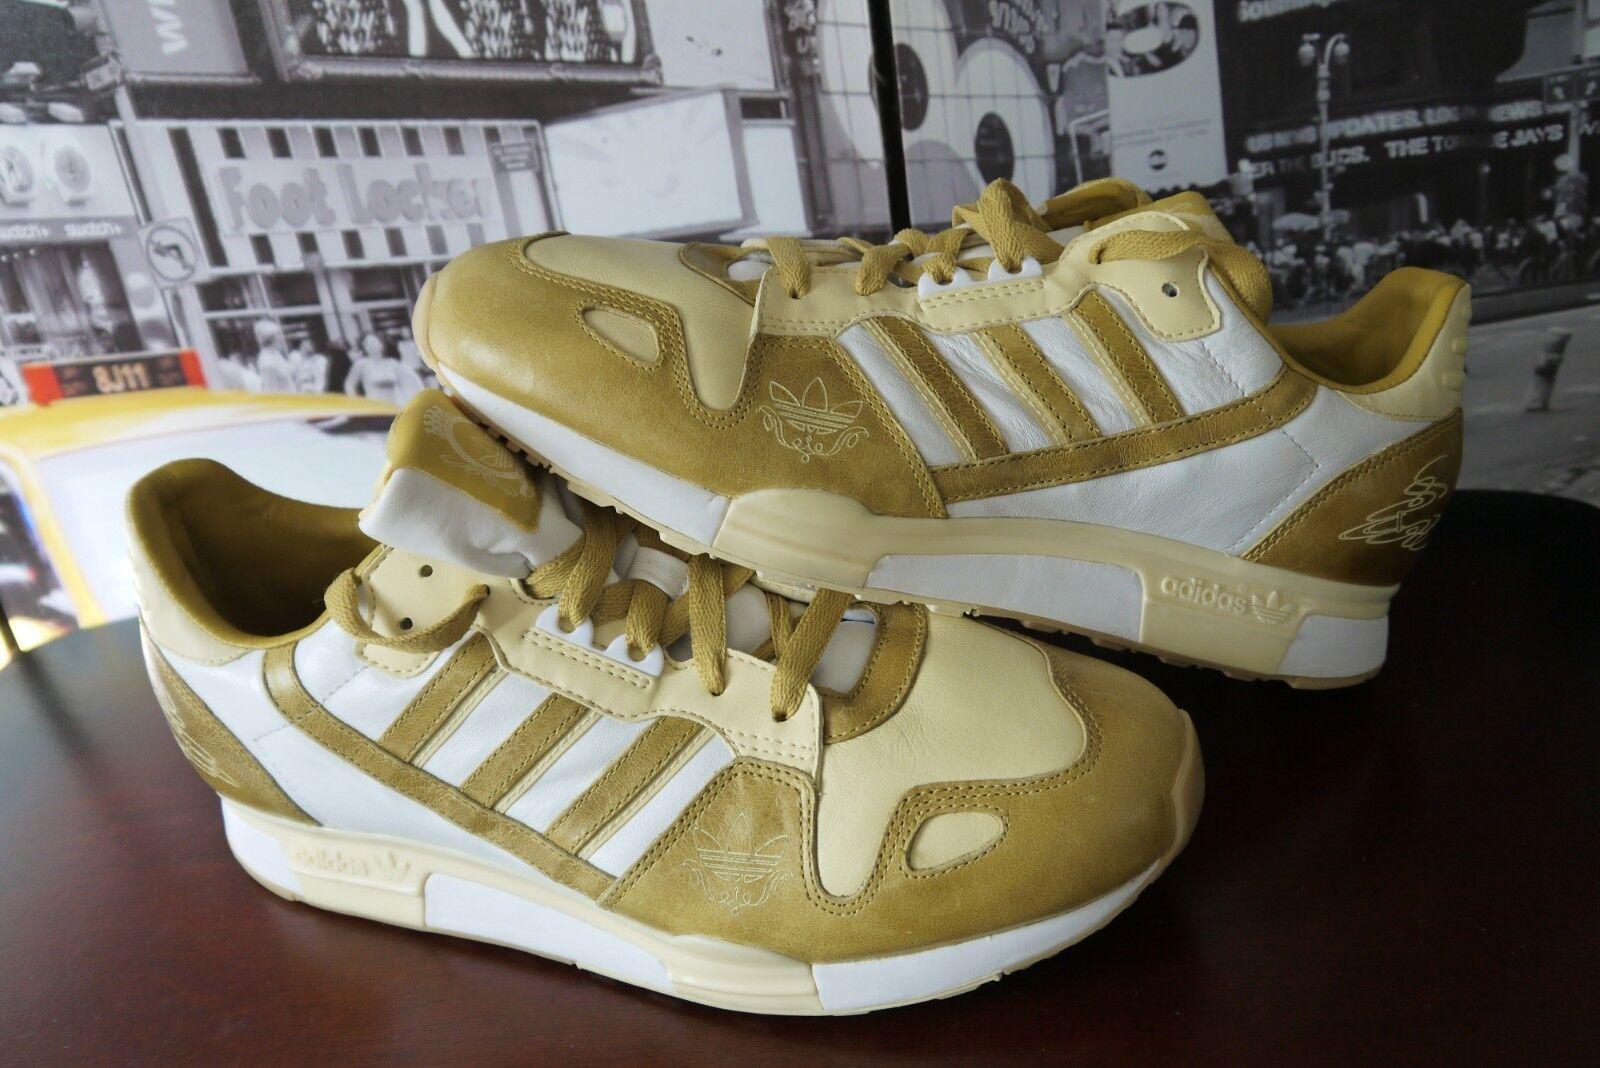 Seltene 2008 zx adidas originals zx 2008 800 leder gold sneaker 018602 männer uns 7 5ef3a7